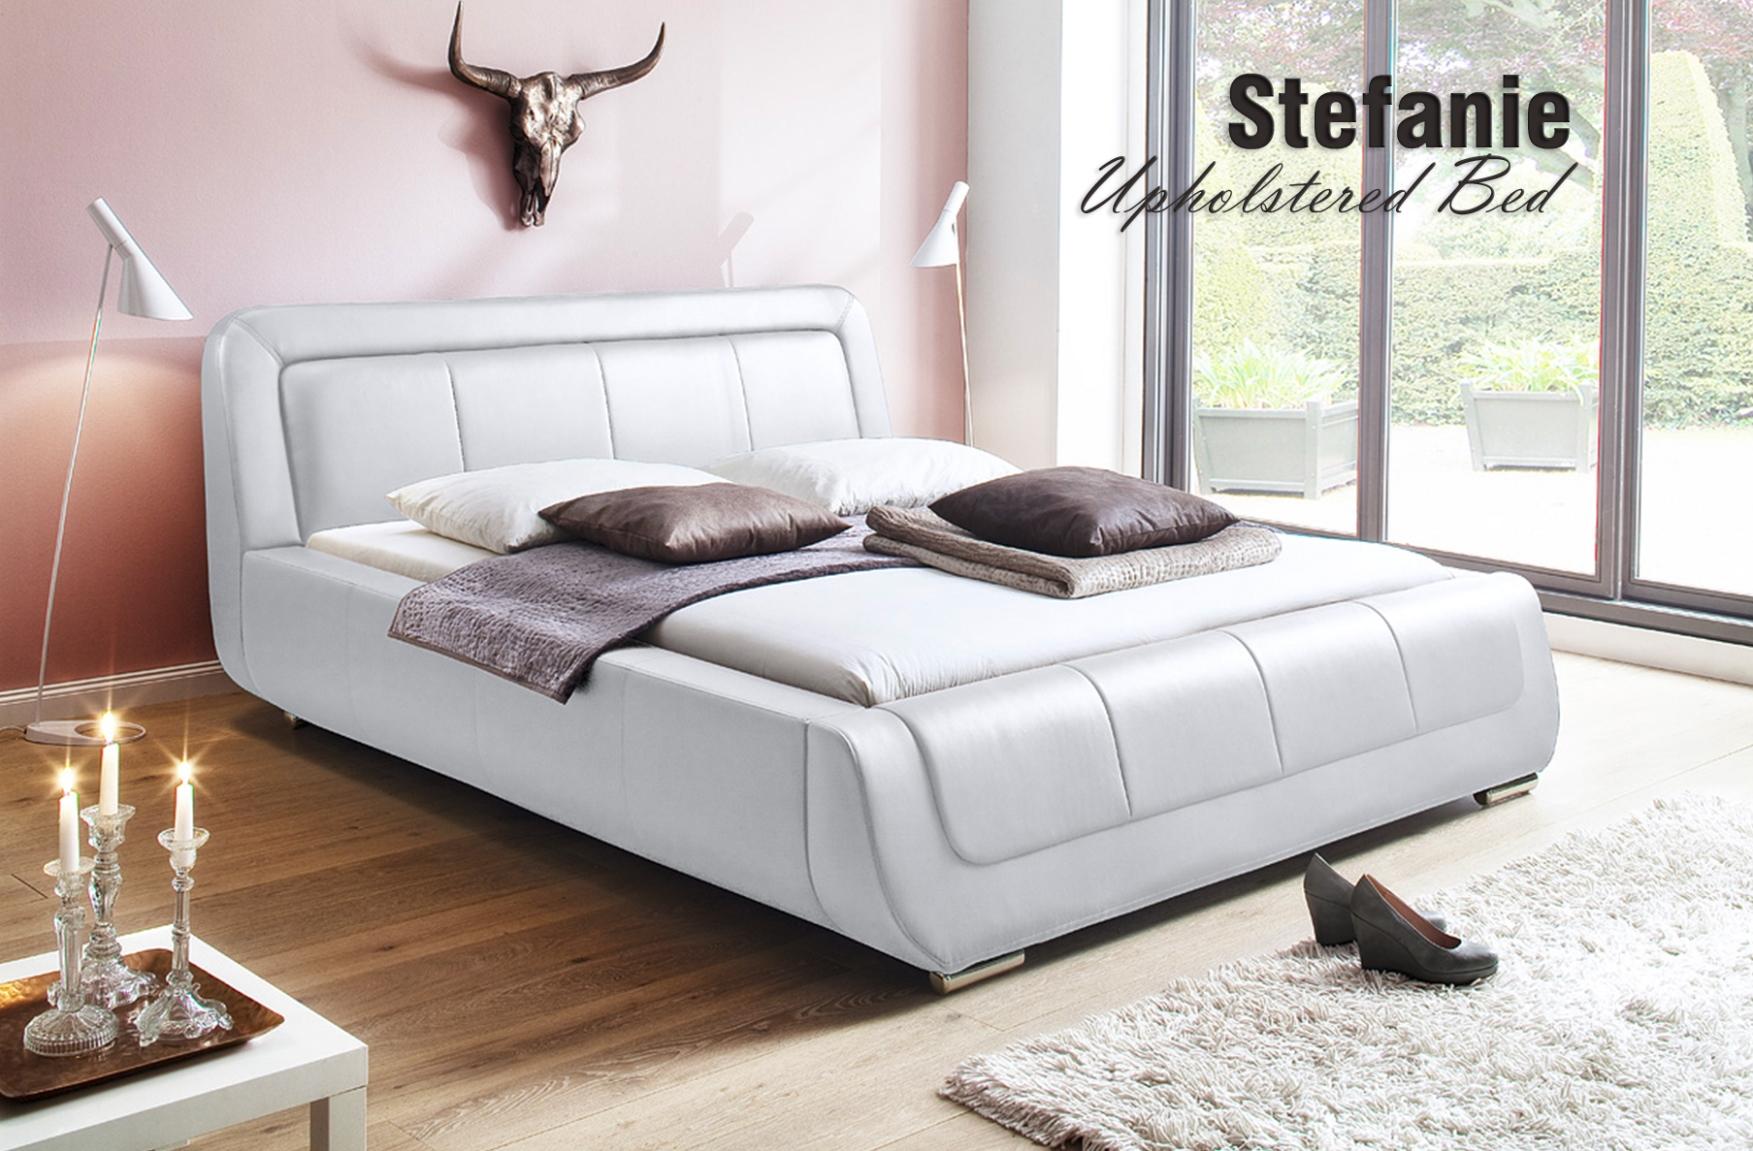 Stefanie-Upholstered-Bed - Nordholtz Furniture